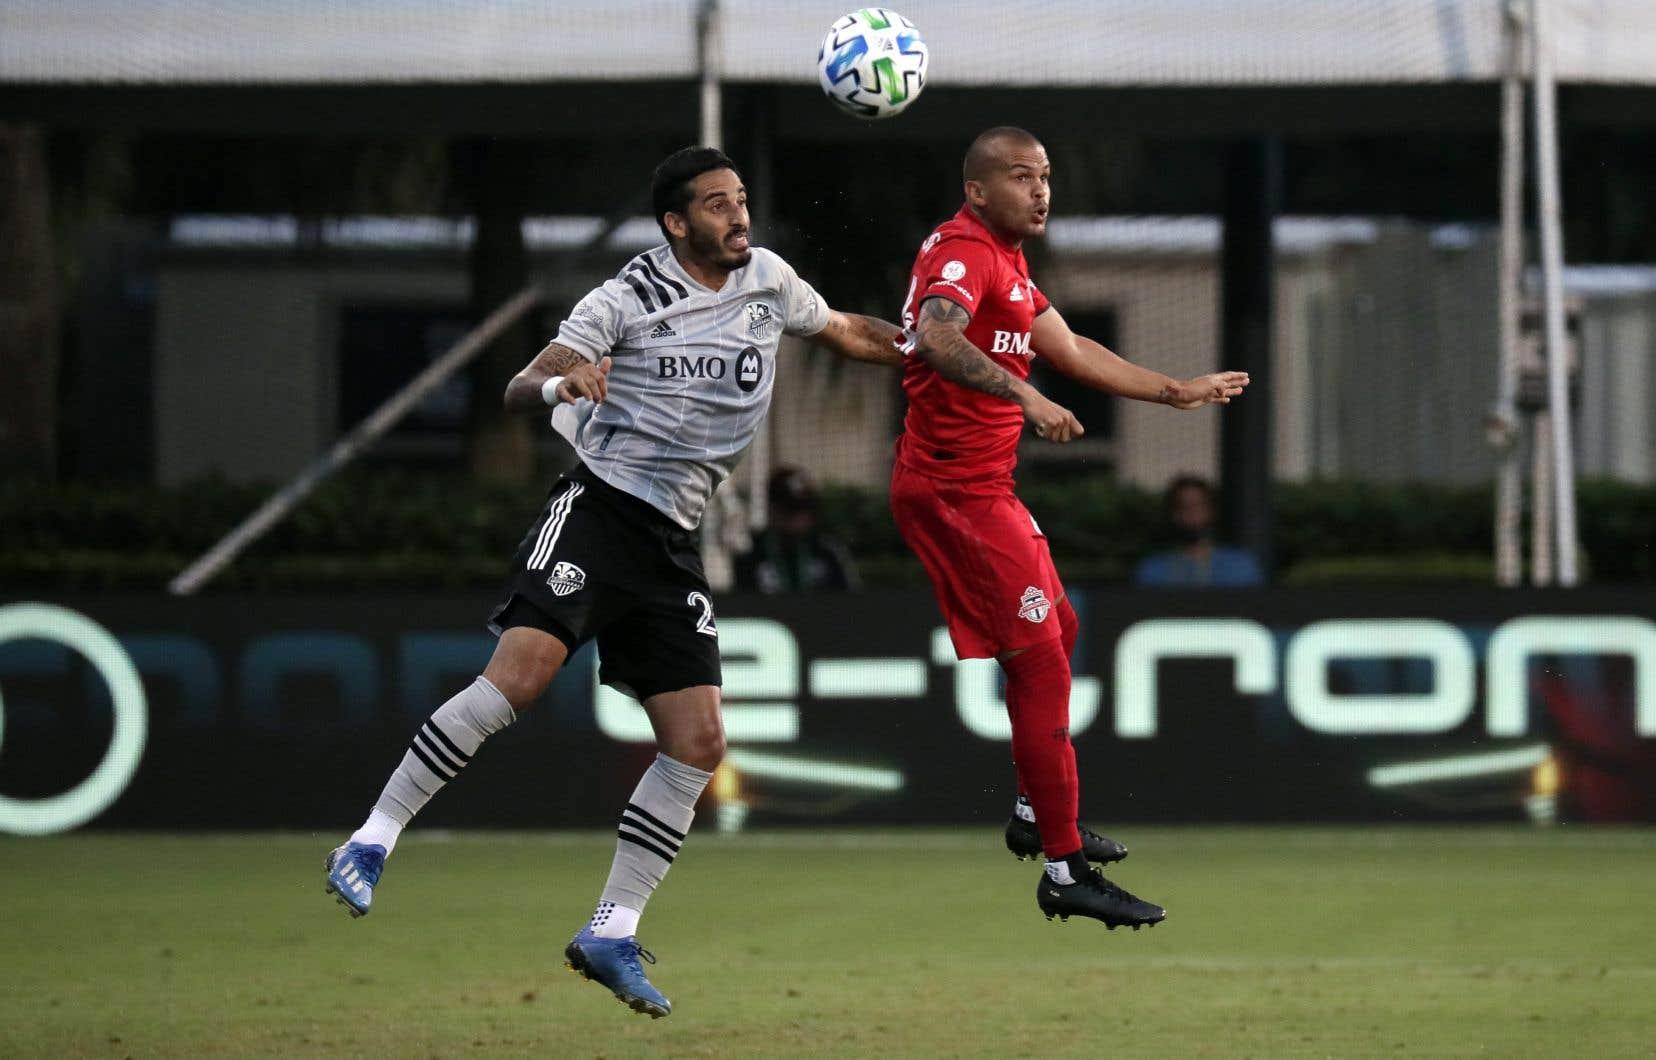 La MLS a annoncé jeudi un calendrier opposant les clubs canadiens. L'Impact de Montréal jouera trois matchs contre le Toronto FC et trois autres contre les Whitecaps.